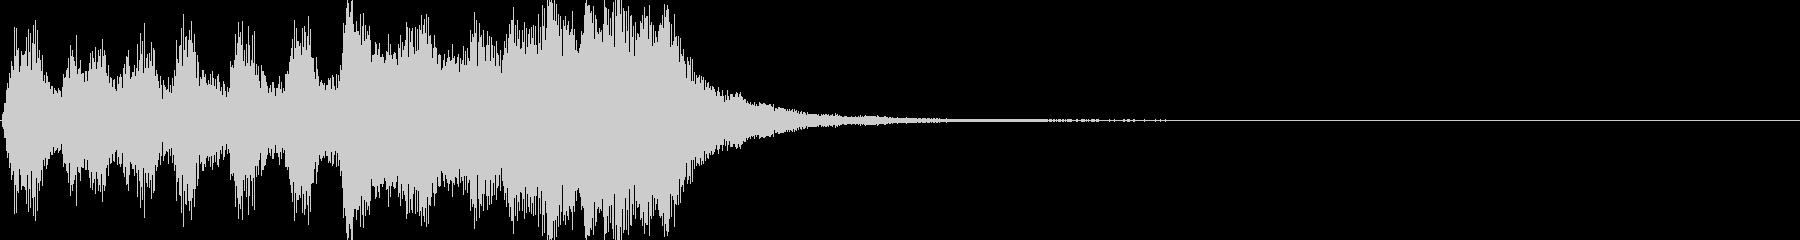 軽い/軽め/小さい ファンファーレ4の未再生の波形